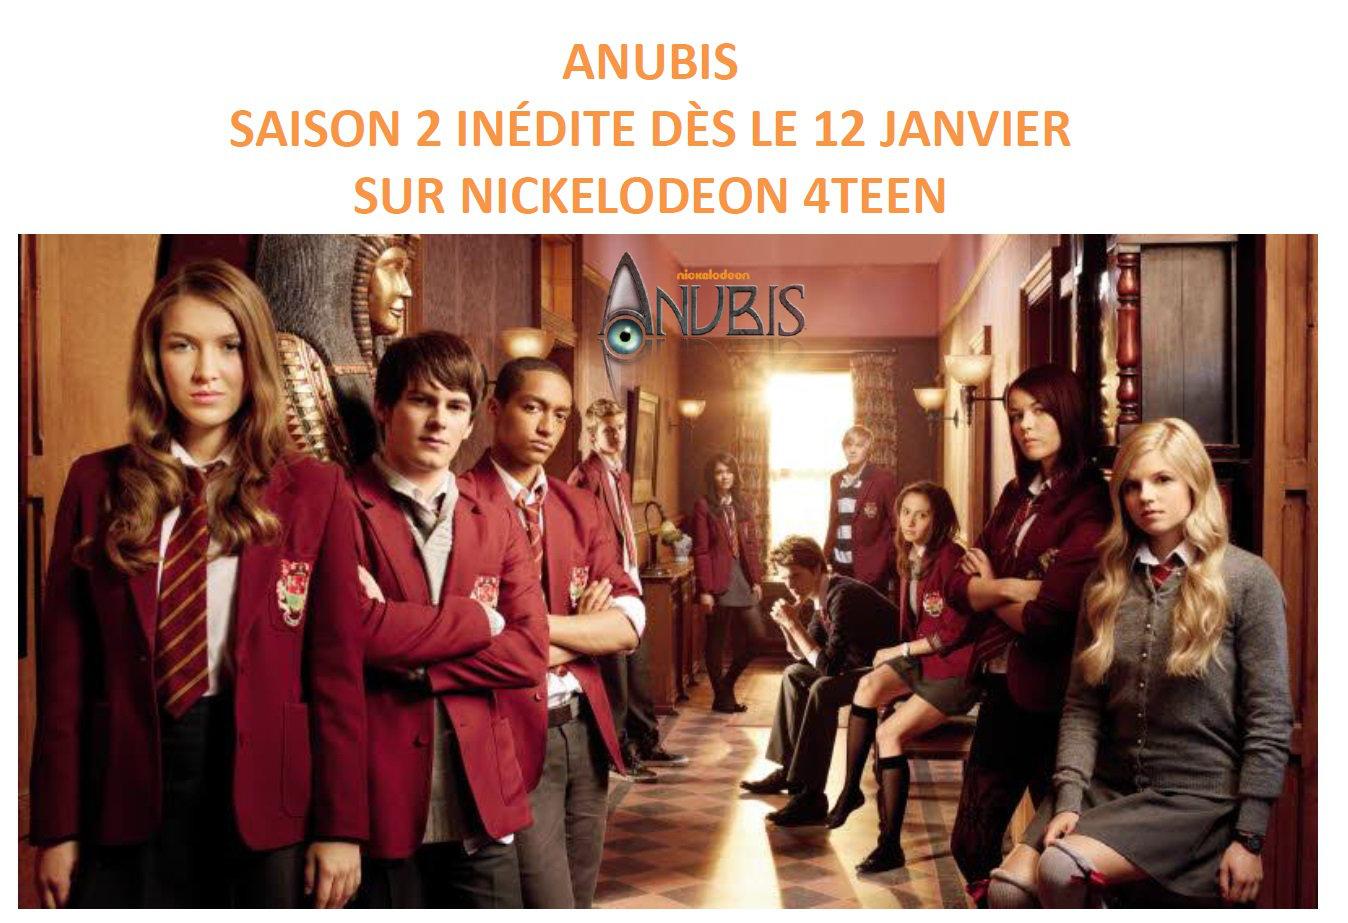 anubis saison 2 vf